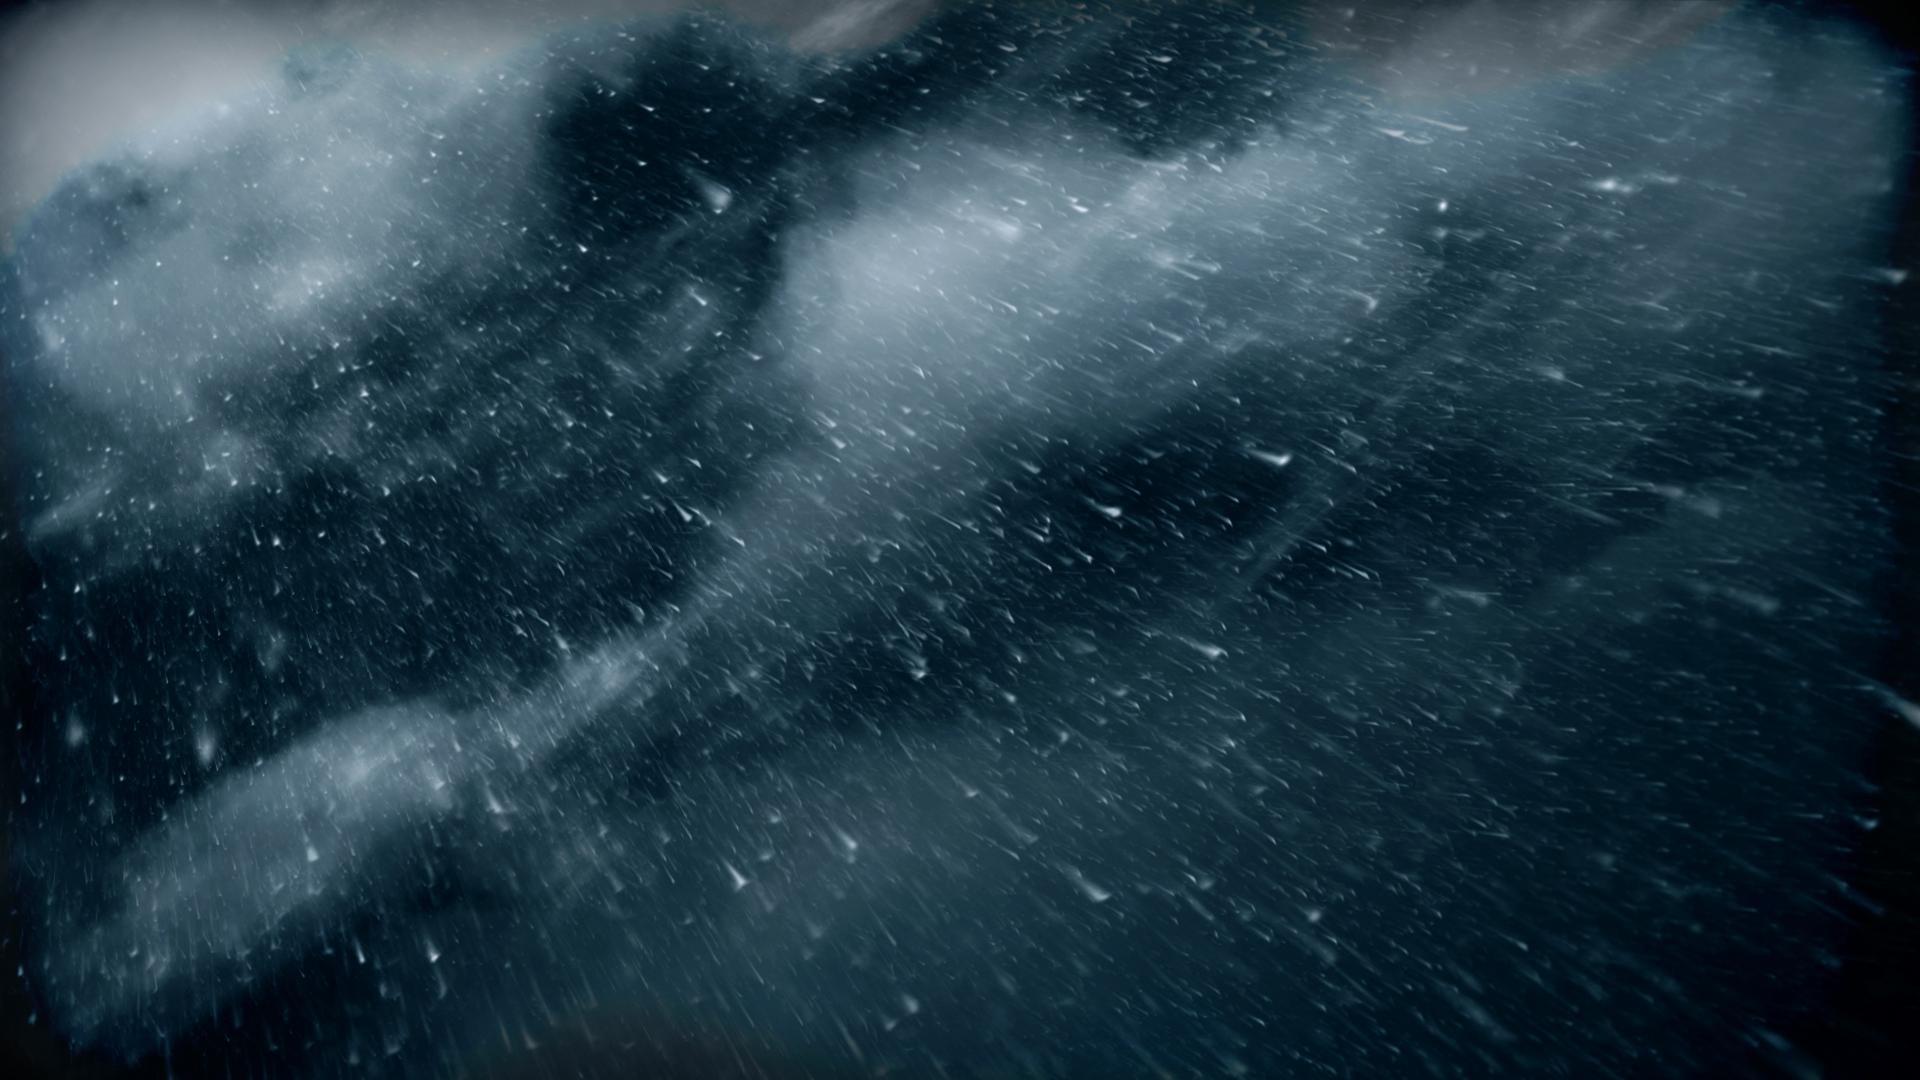 Raining, Desktop Screen Wallpapers, KuBiPeT Graphics